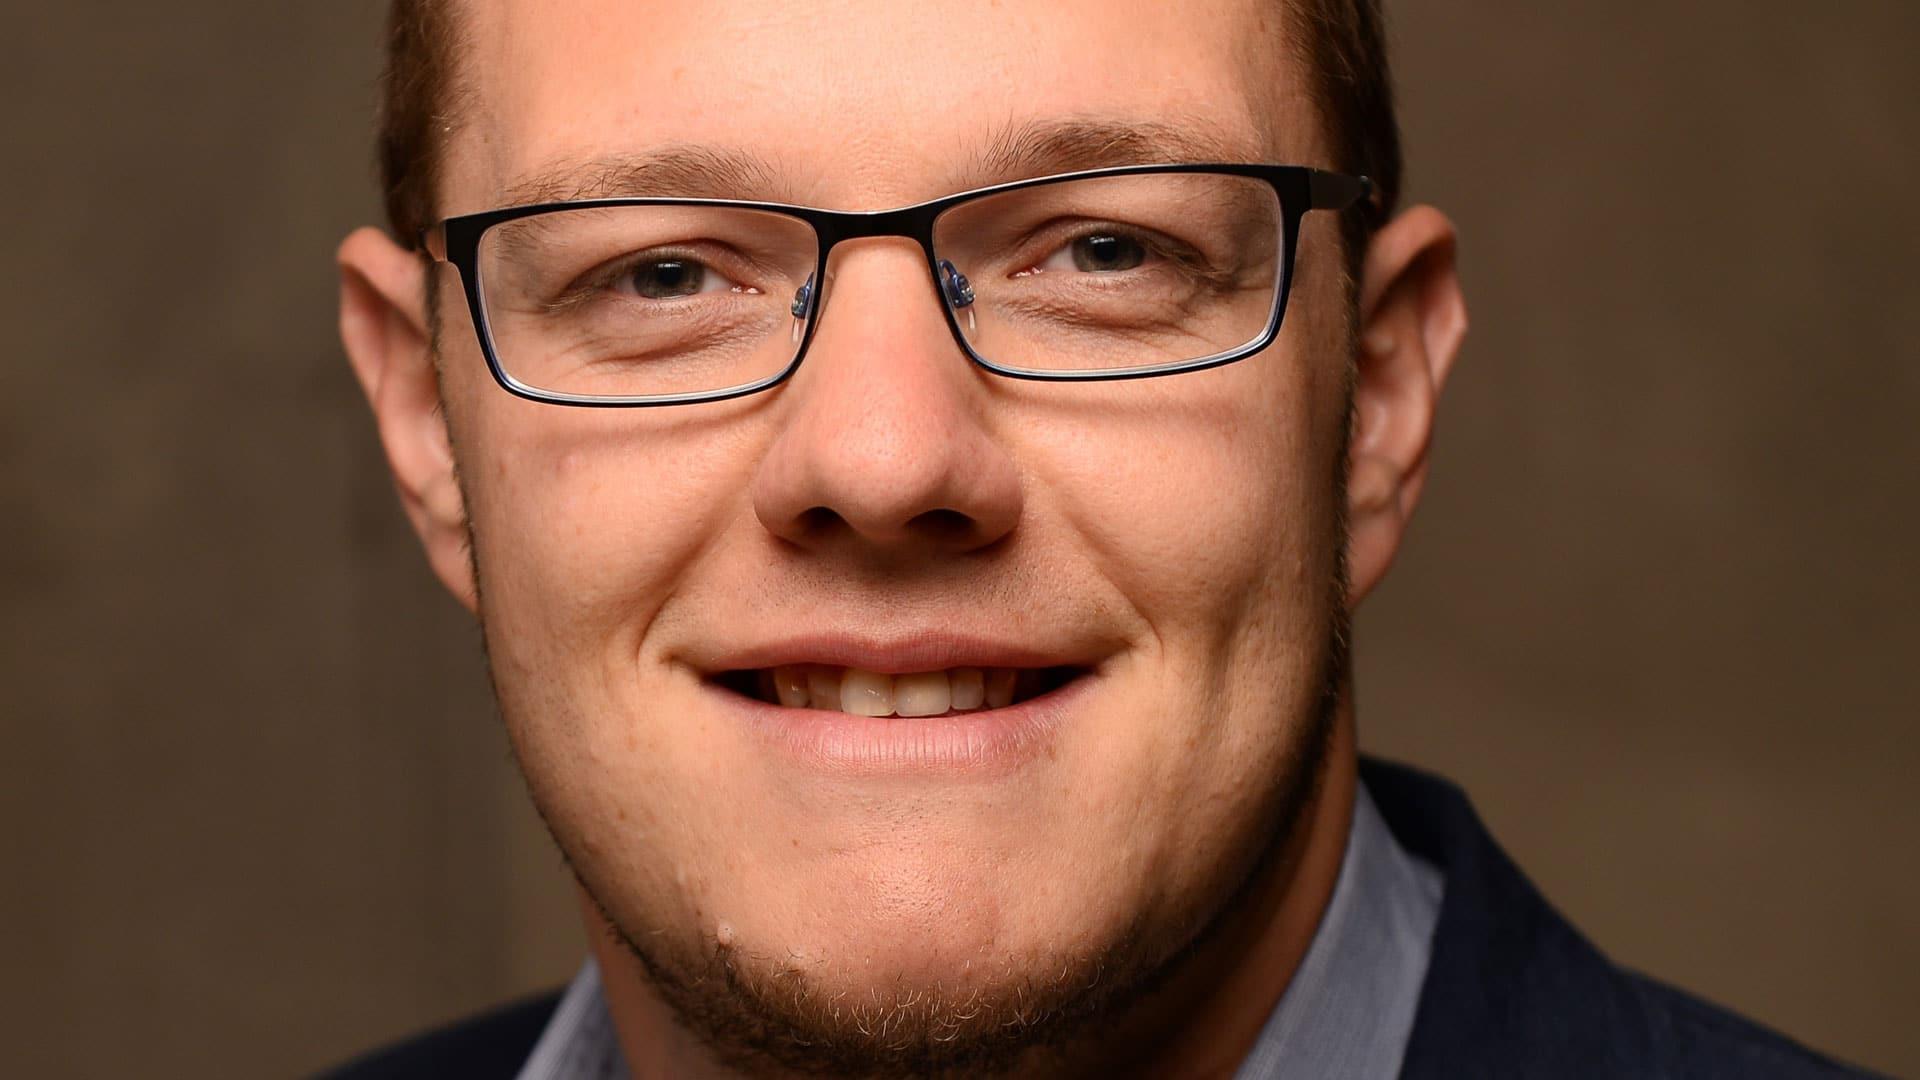 Florian Karcher ist Professor für Religions- und Gemeindepädagogik an der CVJM-Hochschule in Kassel und lehrt und forscht dort zu Themen der Jugendarbeit und neuen Formen von Kirche (Fresh X).